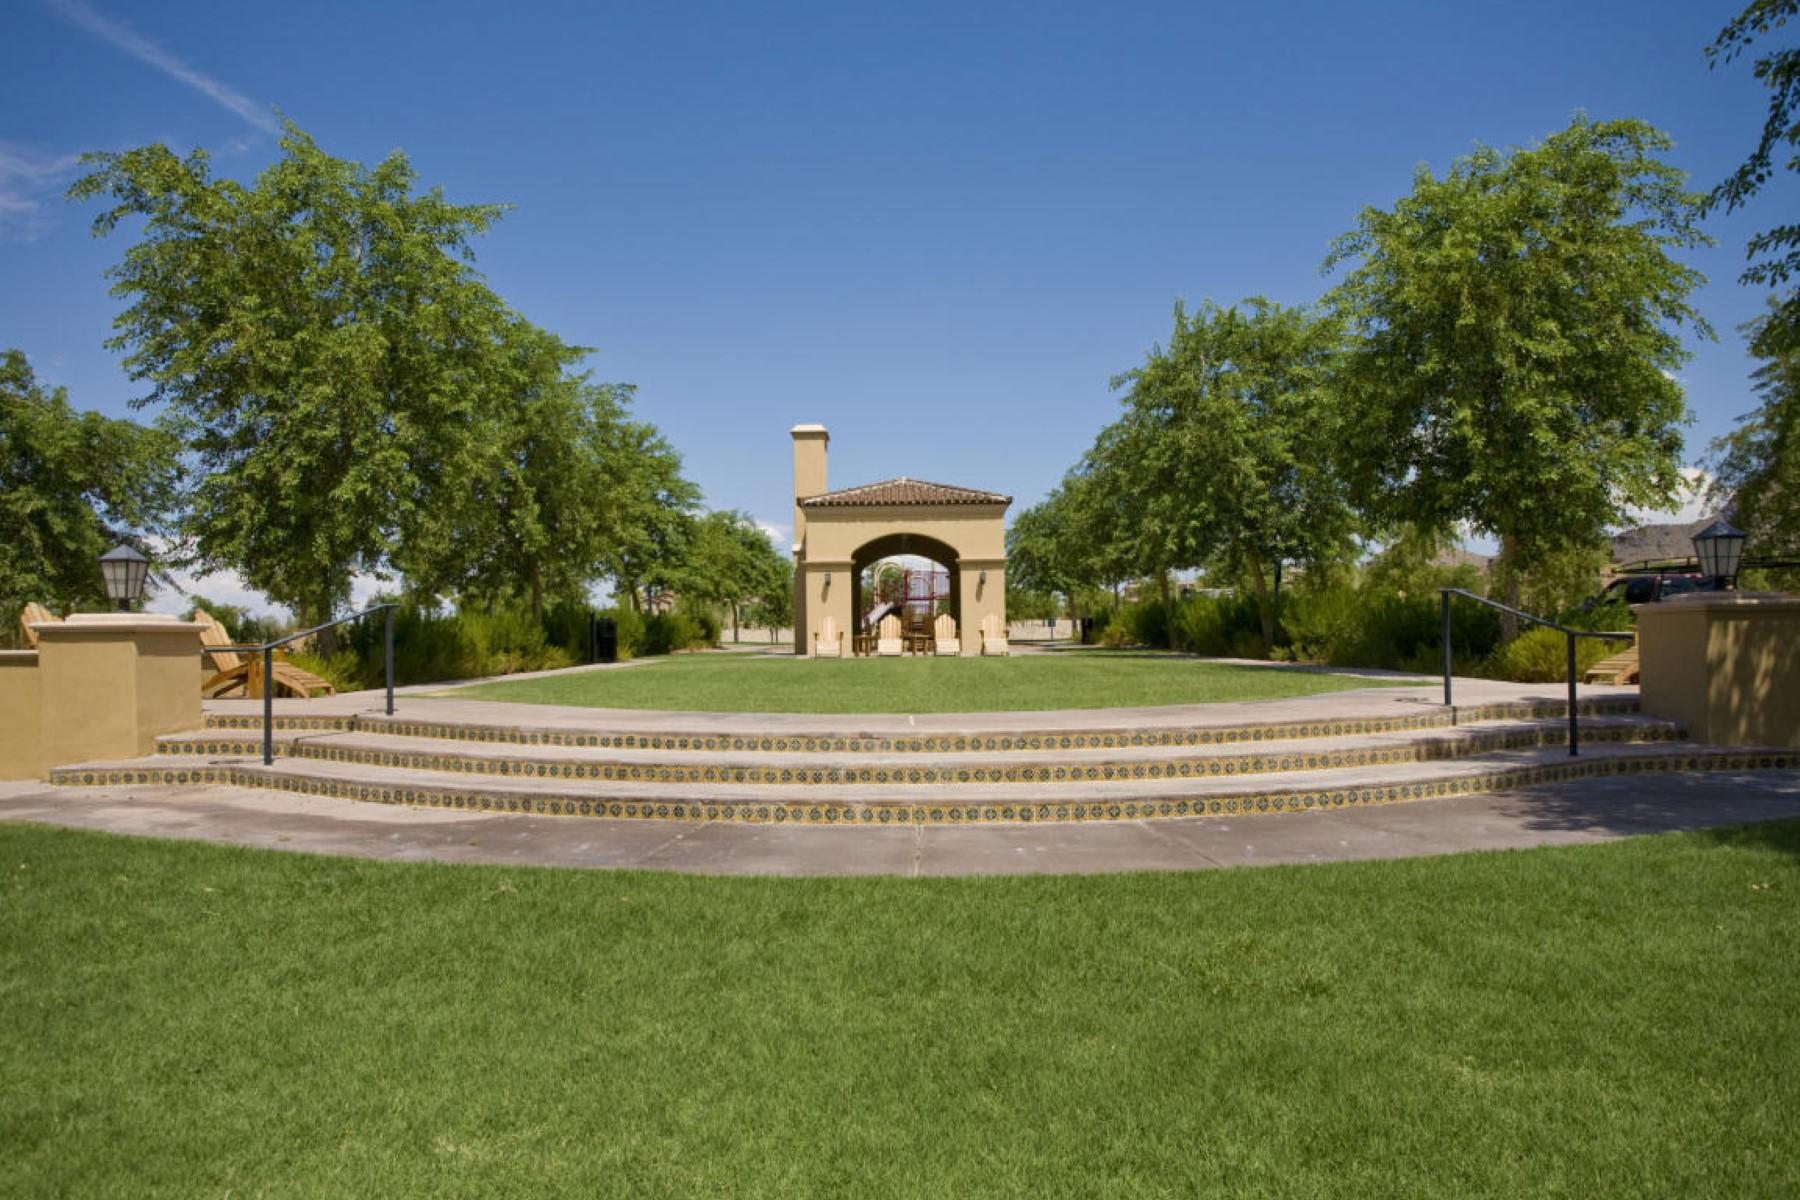 Terreno por un Venta en Gorgeous corner lot in the heart of Silverleaf 19083 E DAISY PASS E 3666 Scottsdale, Arizona 85255 Estados Unidos